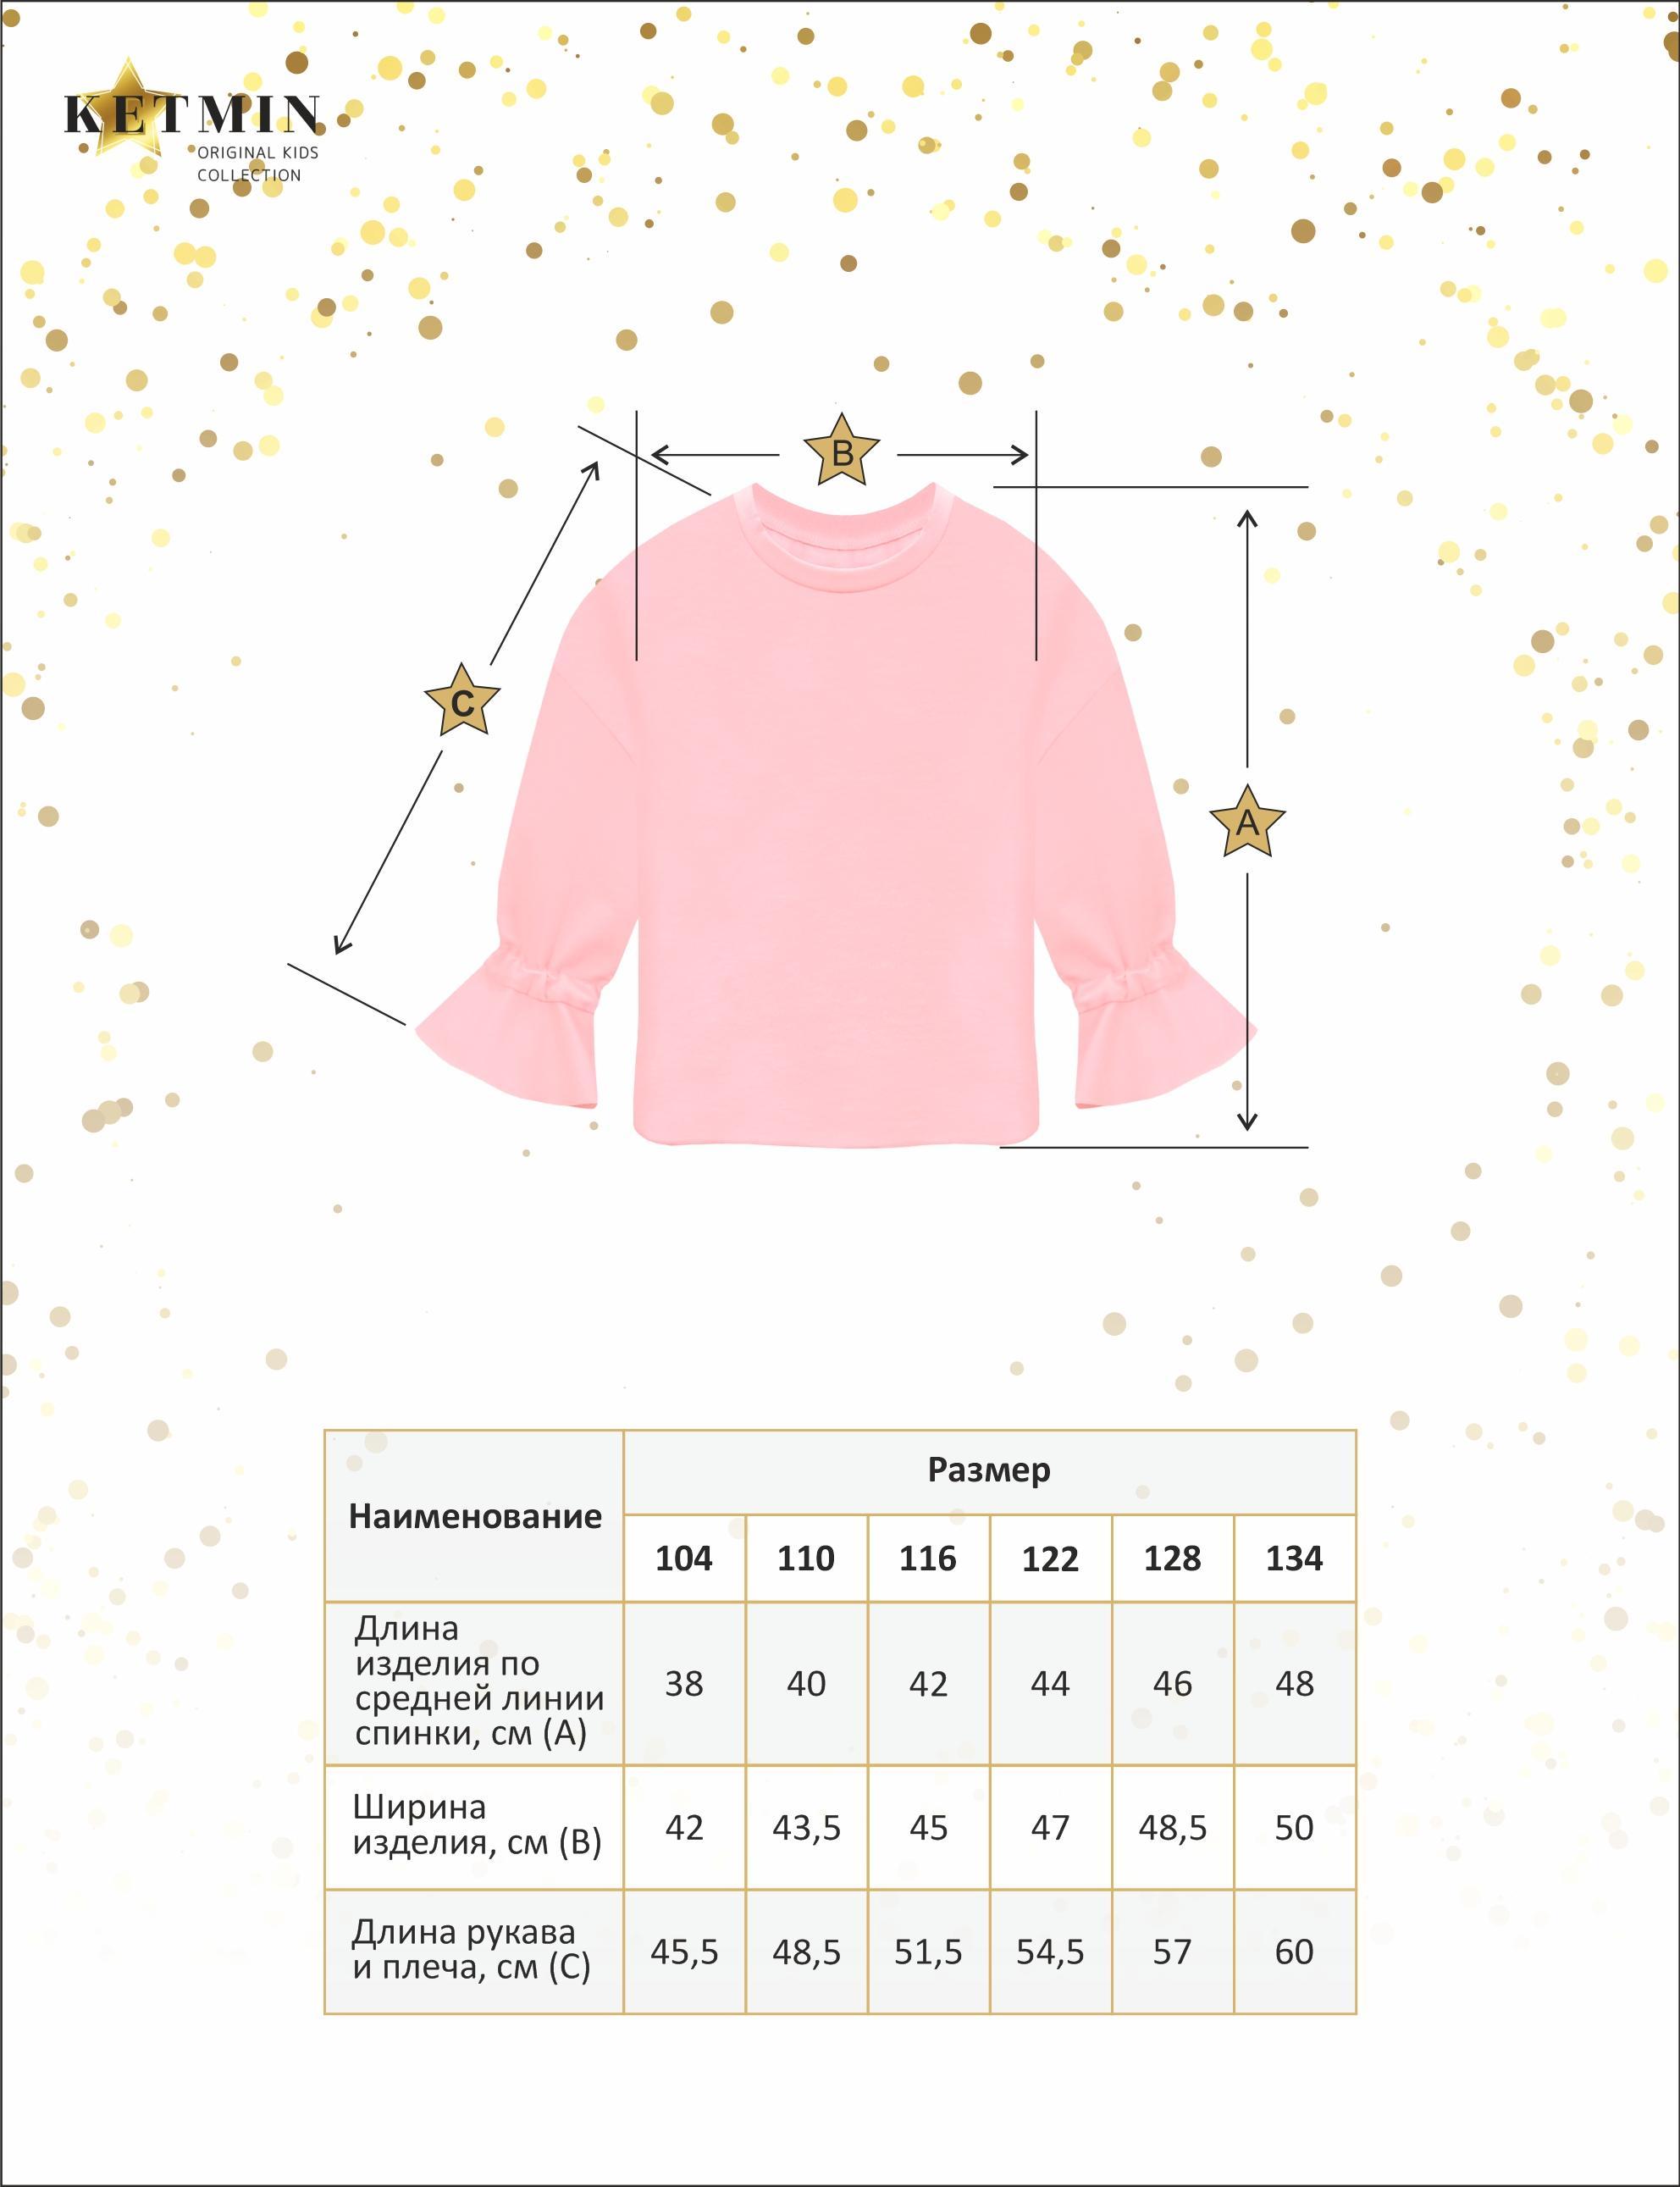 Толстовка детская для девочки KETMIN Stylish цв.Розовый